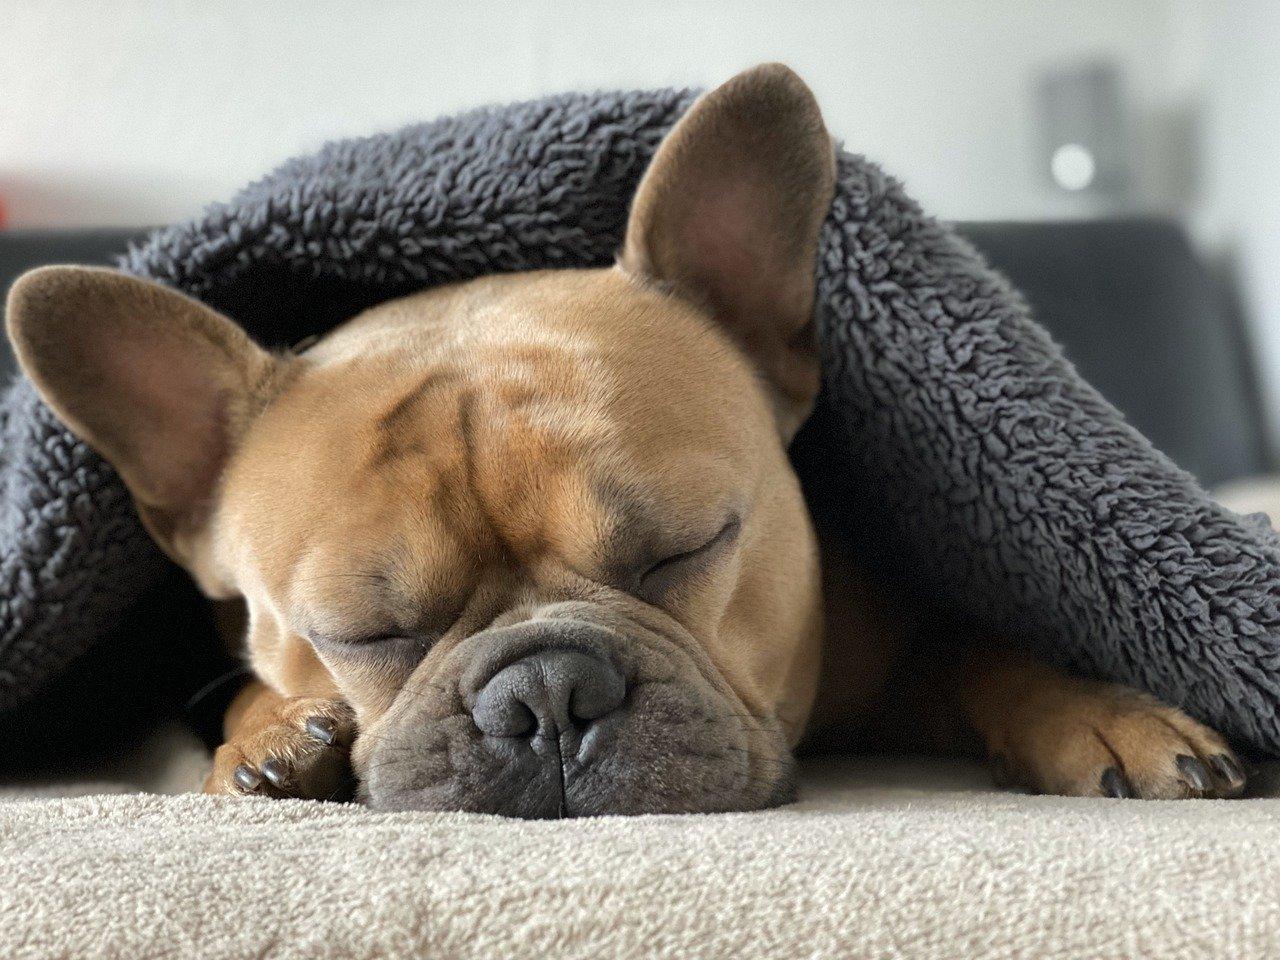 彼氏がずっと寝ていて退屈!寝すぎな彼氏を気持ちよく起こす方法